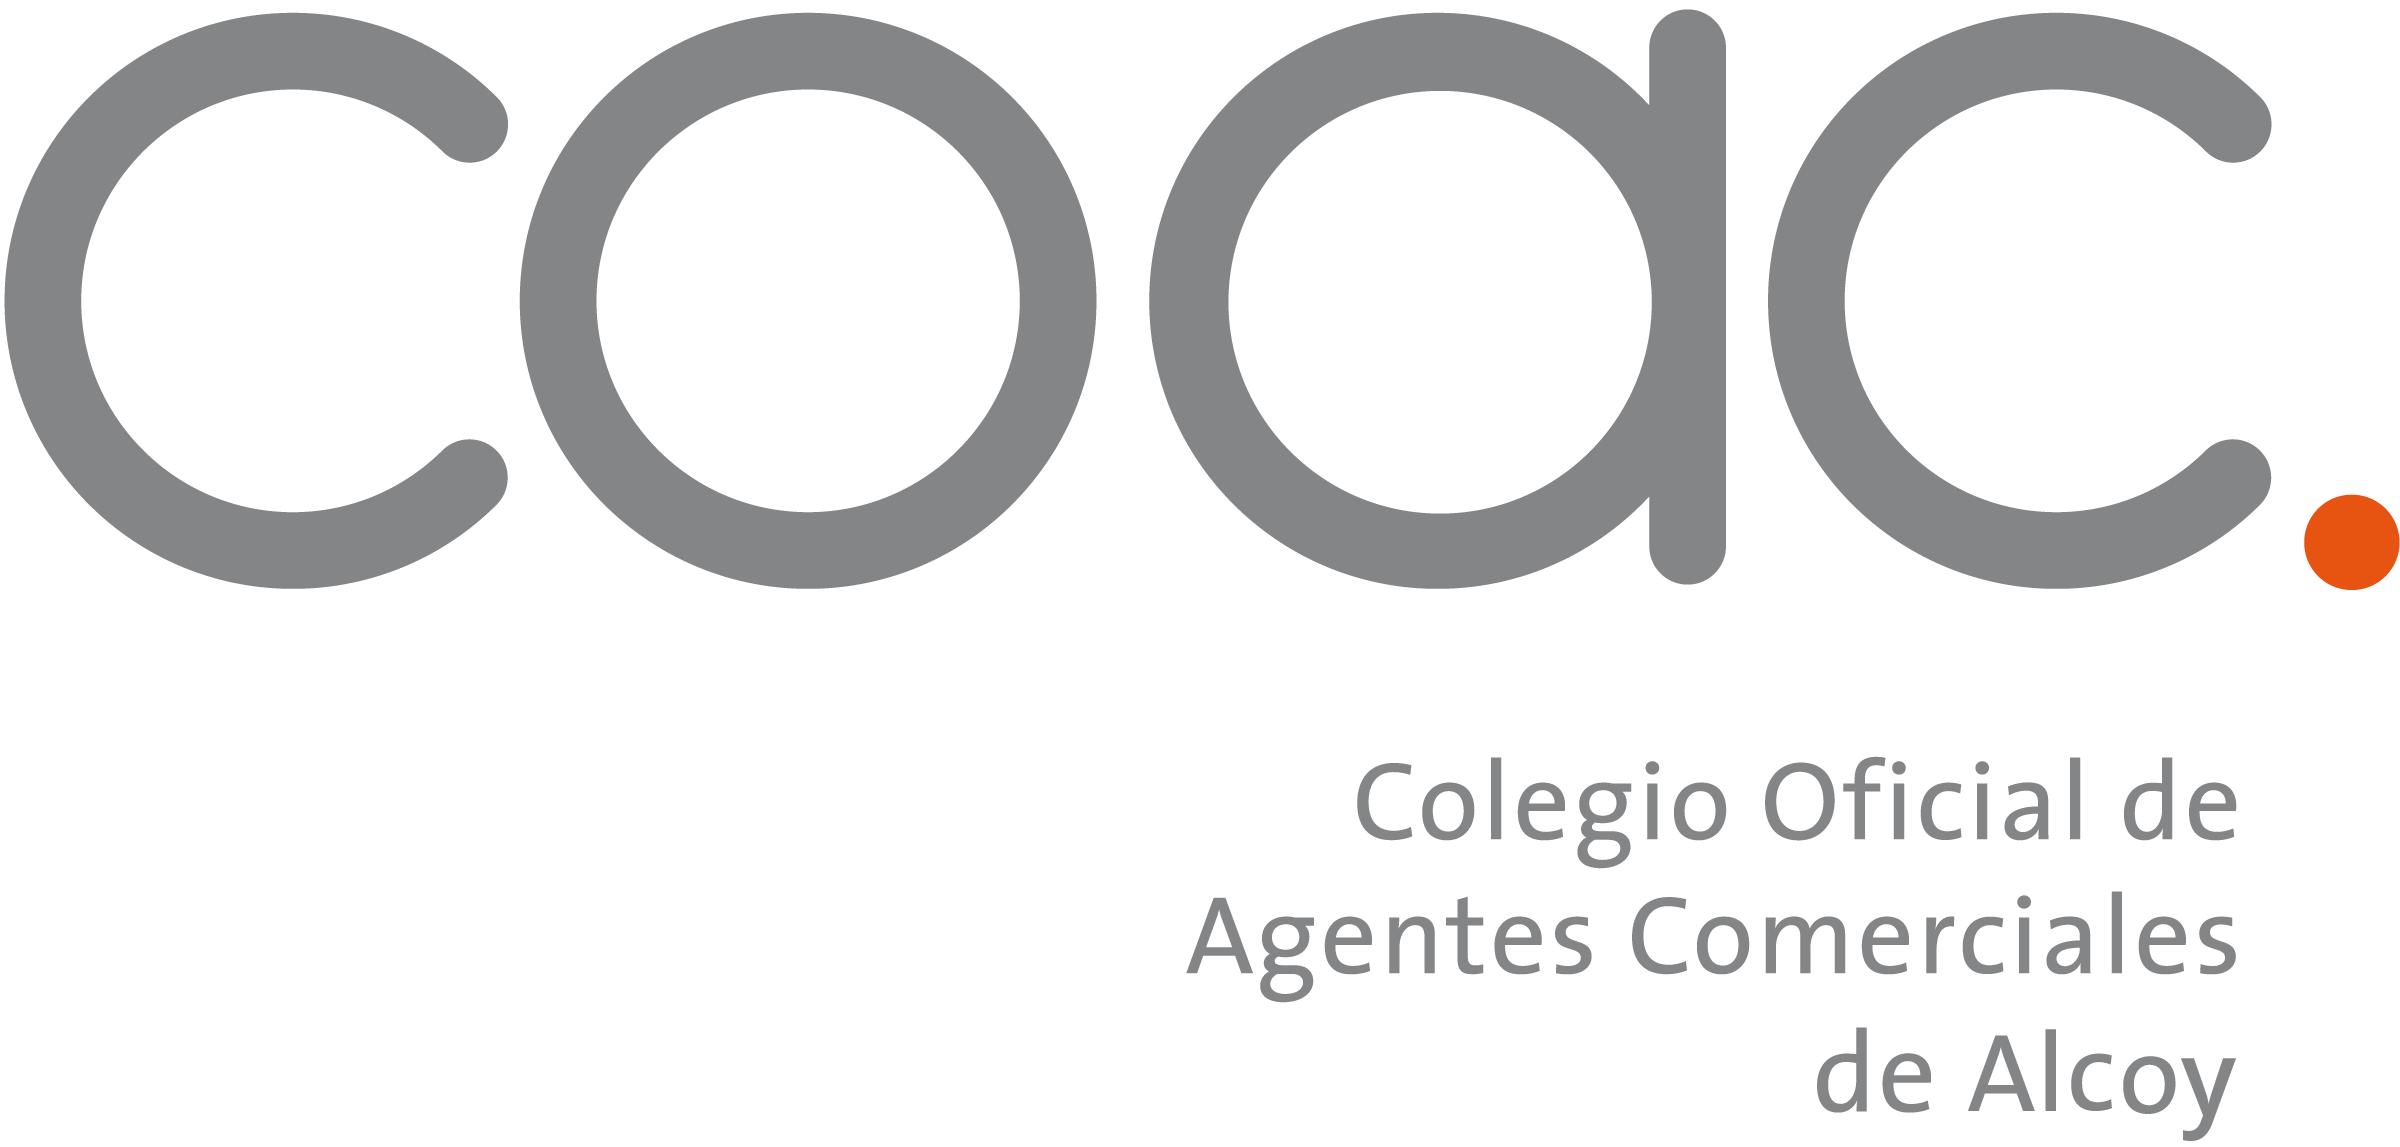 COAC Alcoy